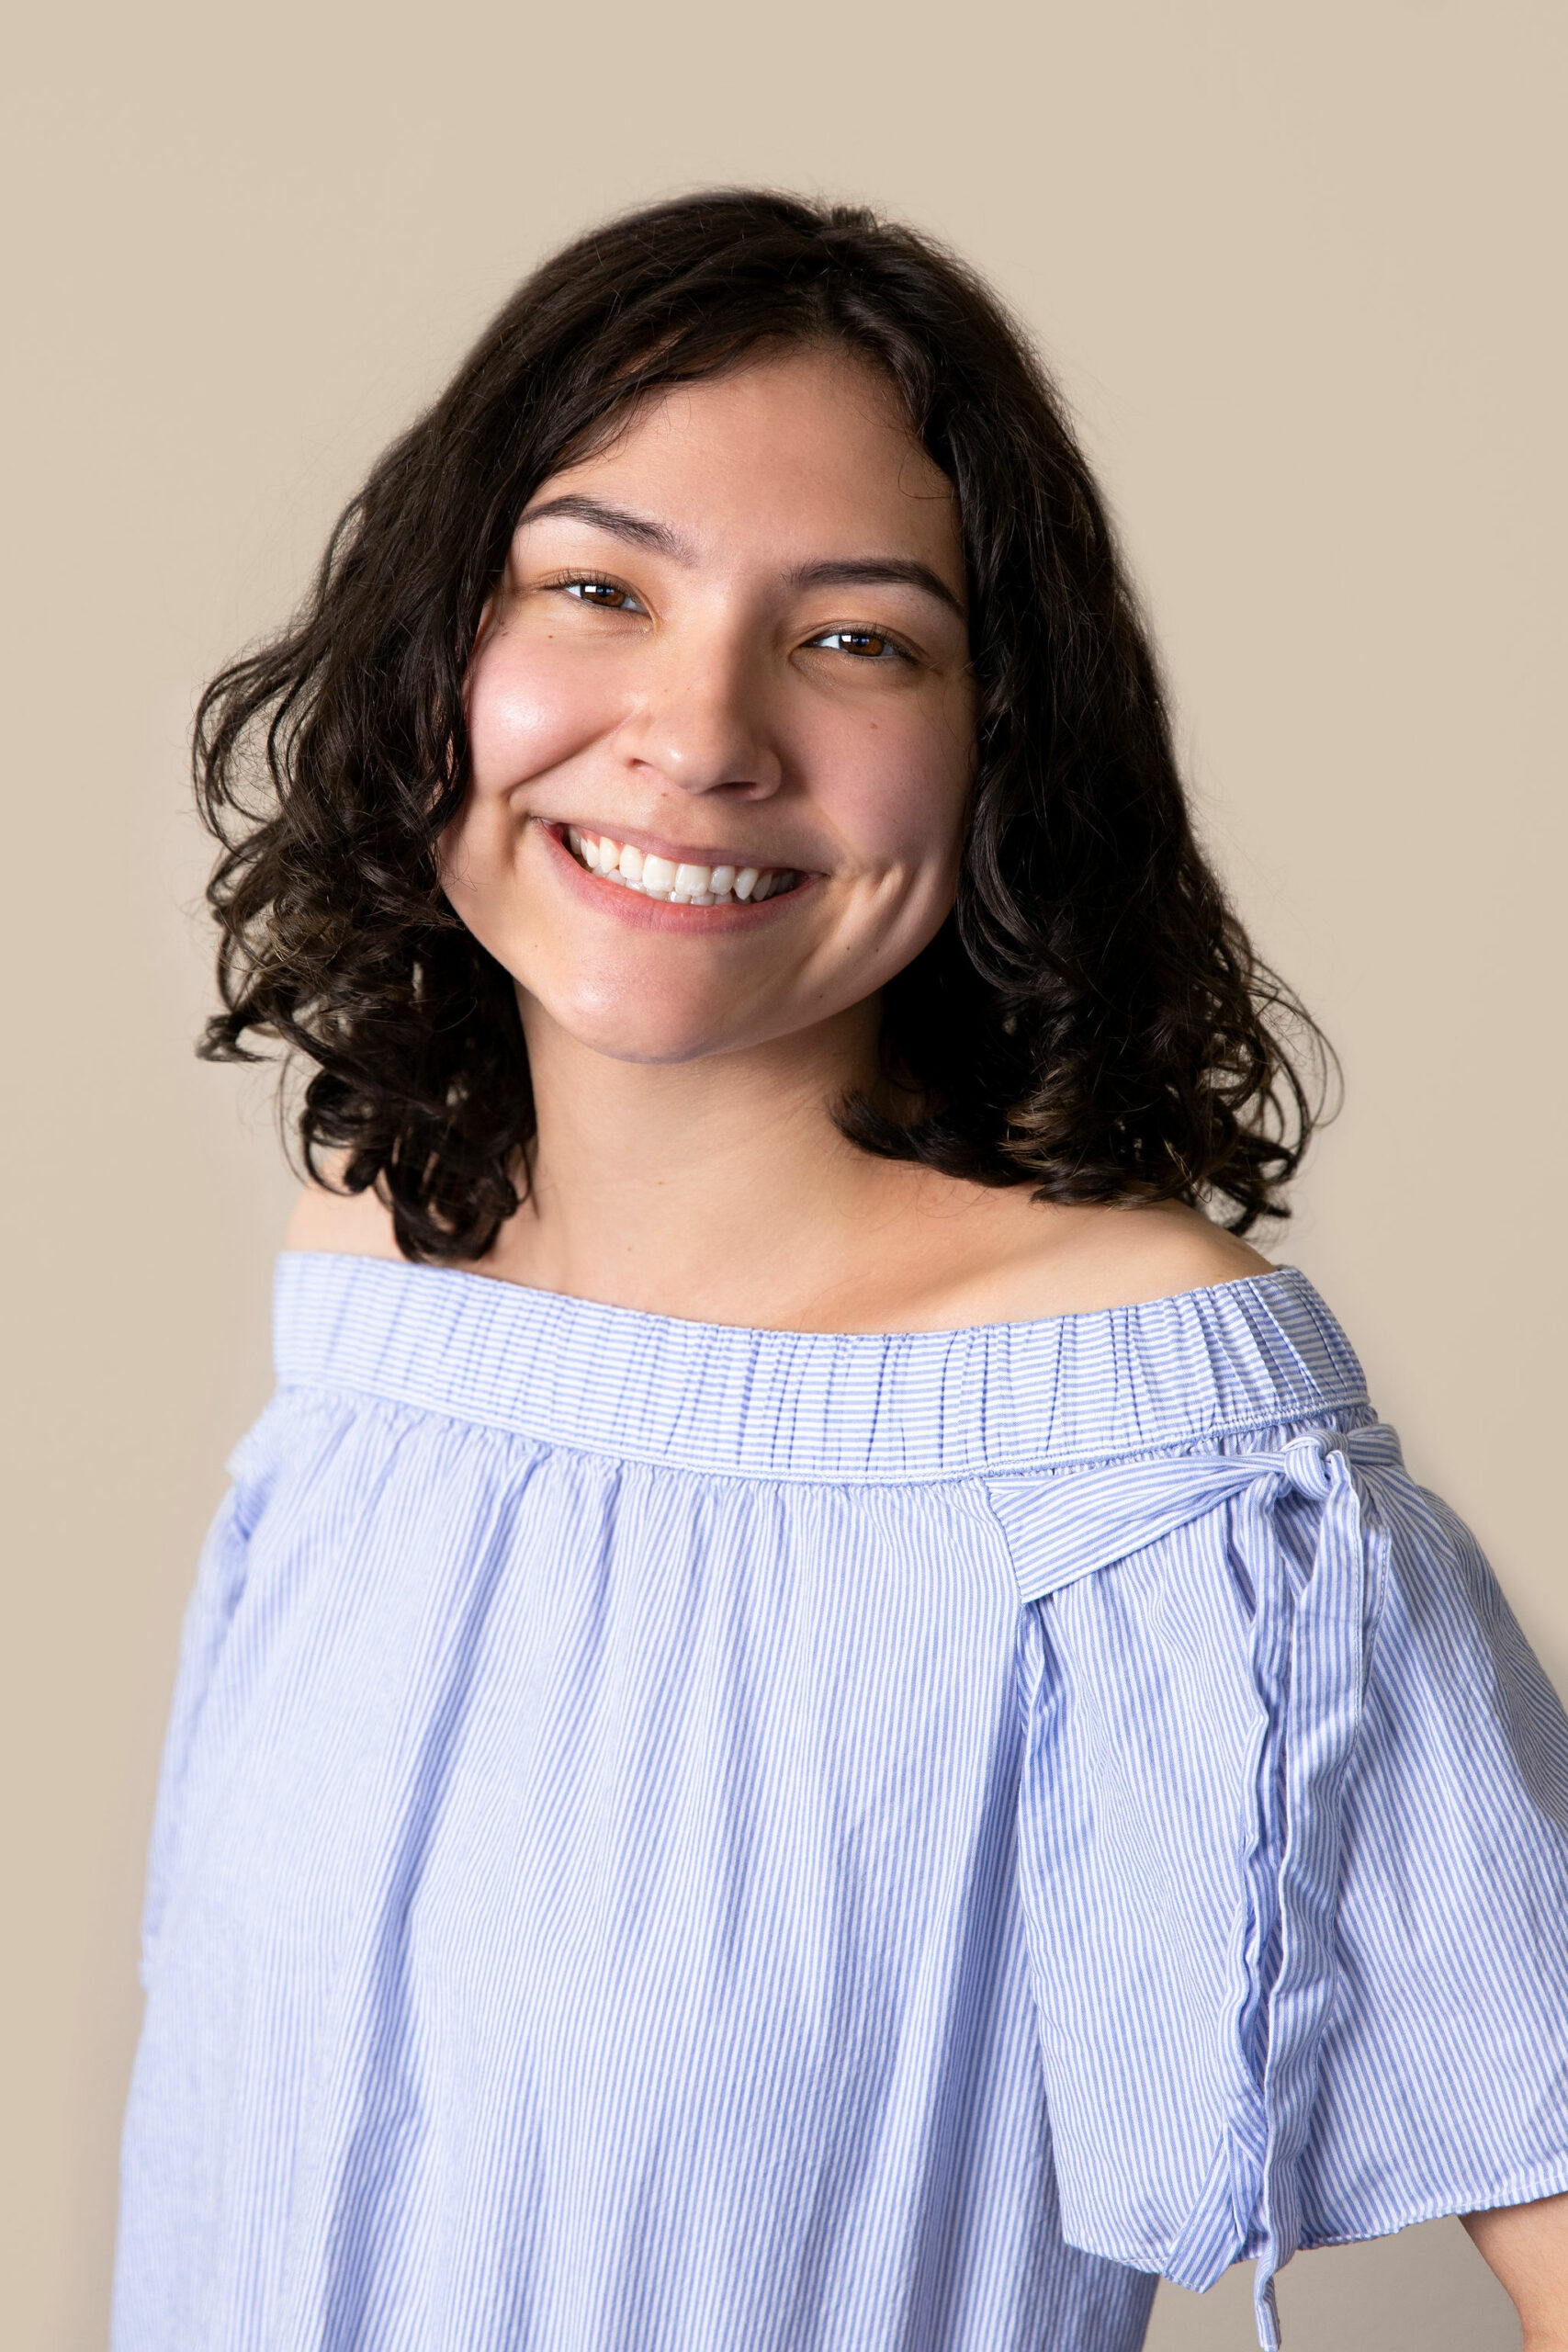 Samantha Gregorio